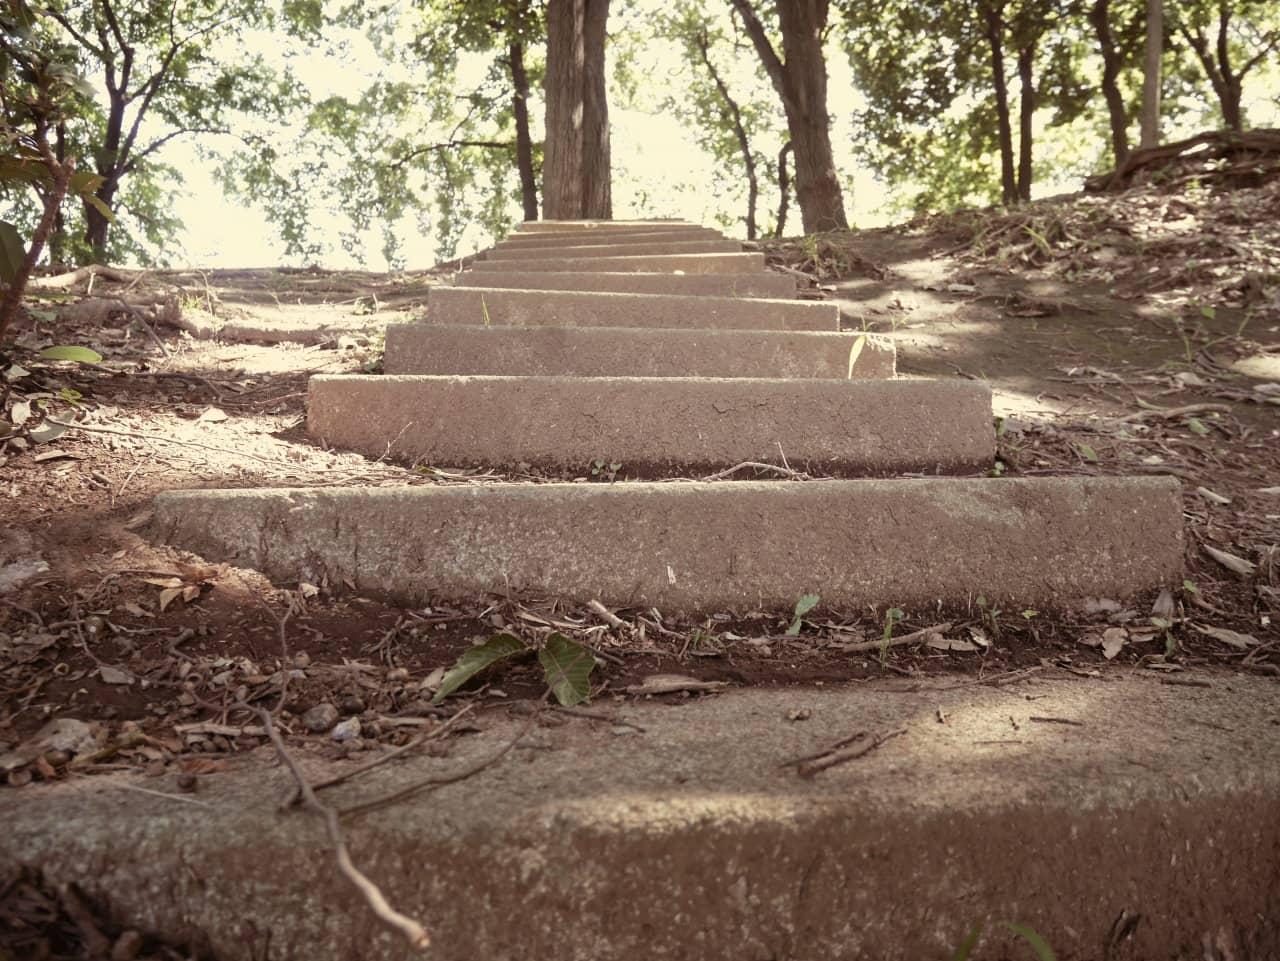 別の階段。こちらは「オールドデイズ」エフェクトをかけてみました。木漏れ日がちらほら見えるのがイイね。お気に入り。てかぼくは階段フェチなのだろうか。